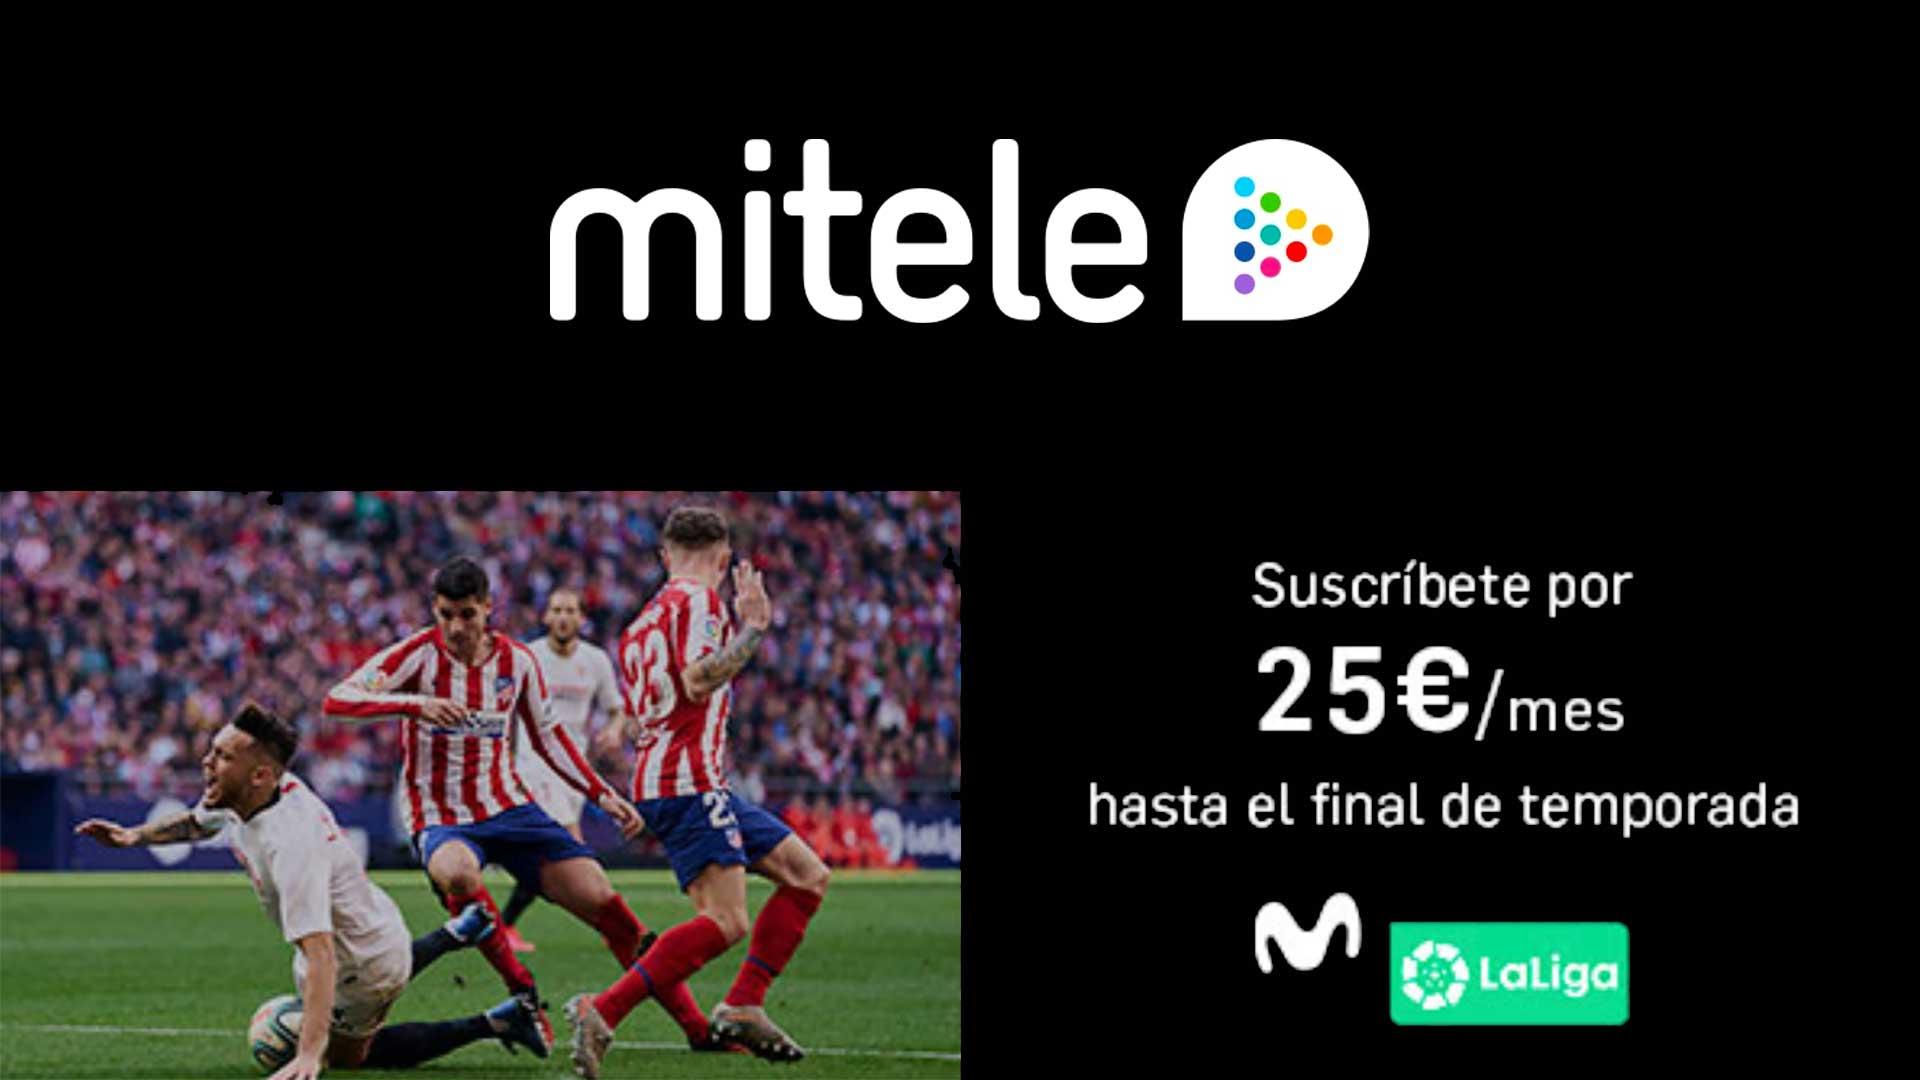 mitele precio La Liga final temporada 2020